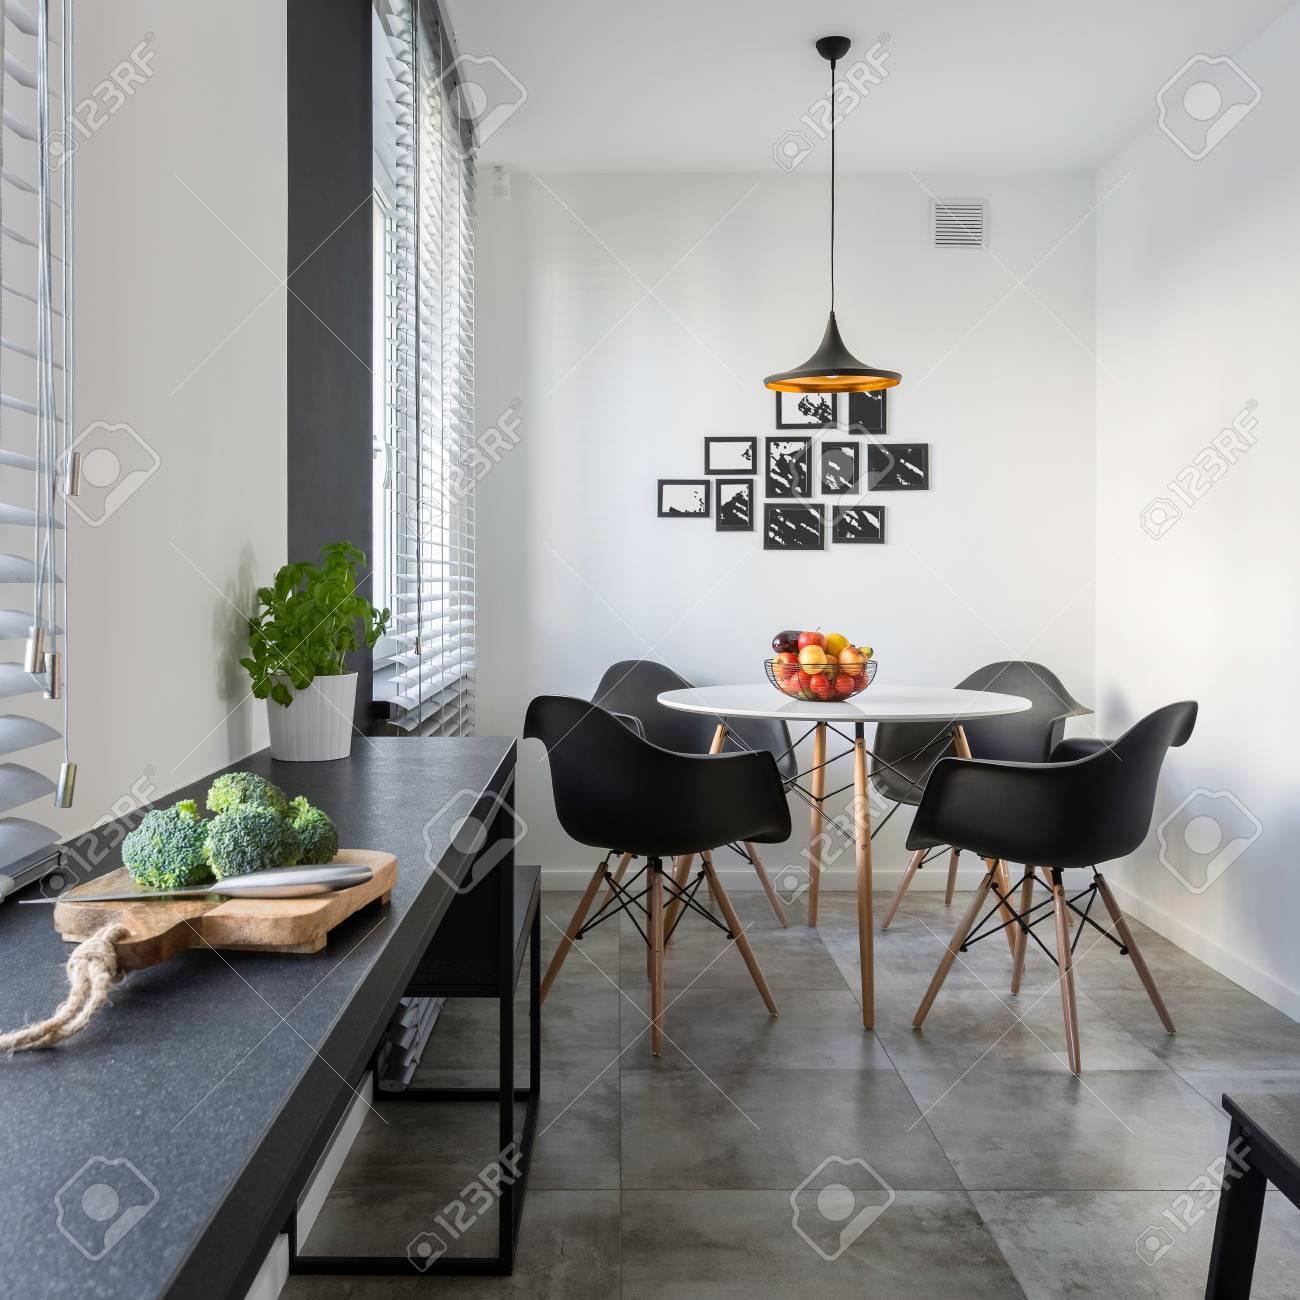 Weisse Kuche Mit Langer Granit Arbeitsplatte Rundem Tisch Und Stuhlen Lizenzfreie Fotos Bilder Und Stock Fotografie Image 88894684